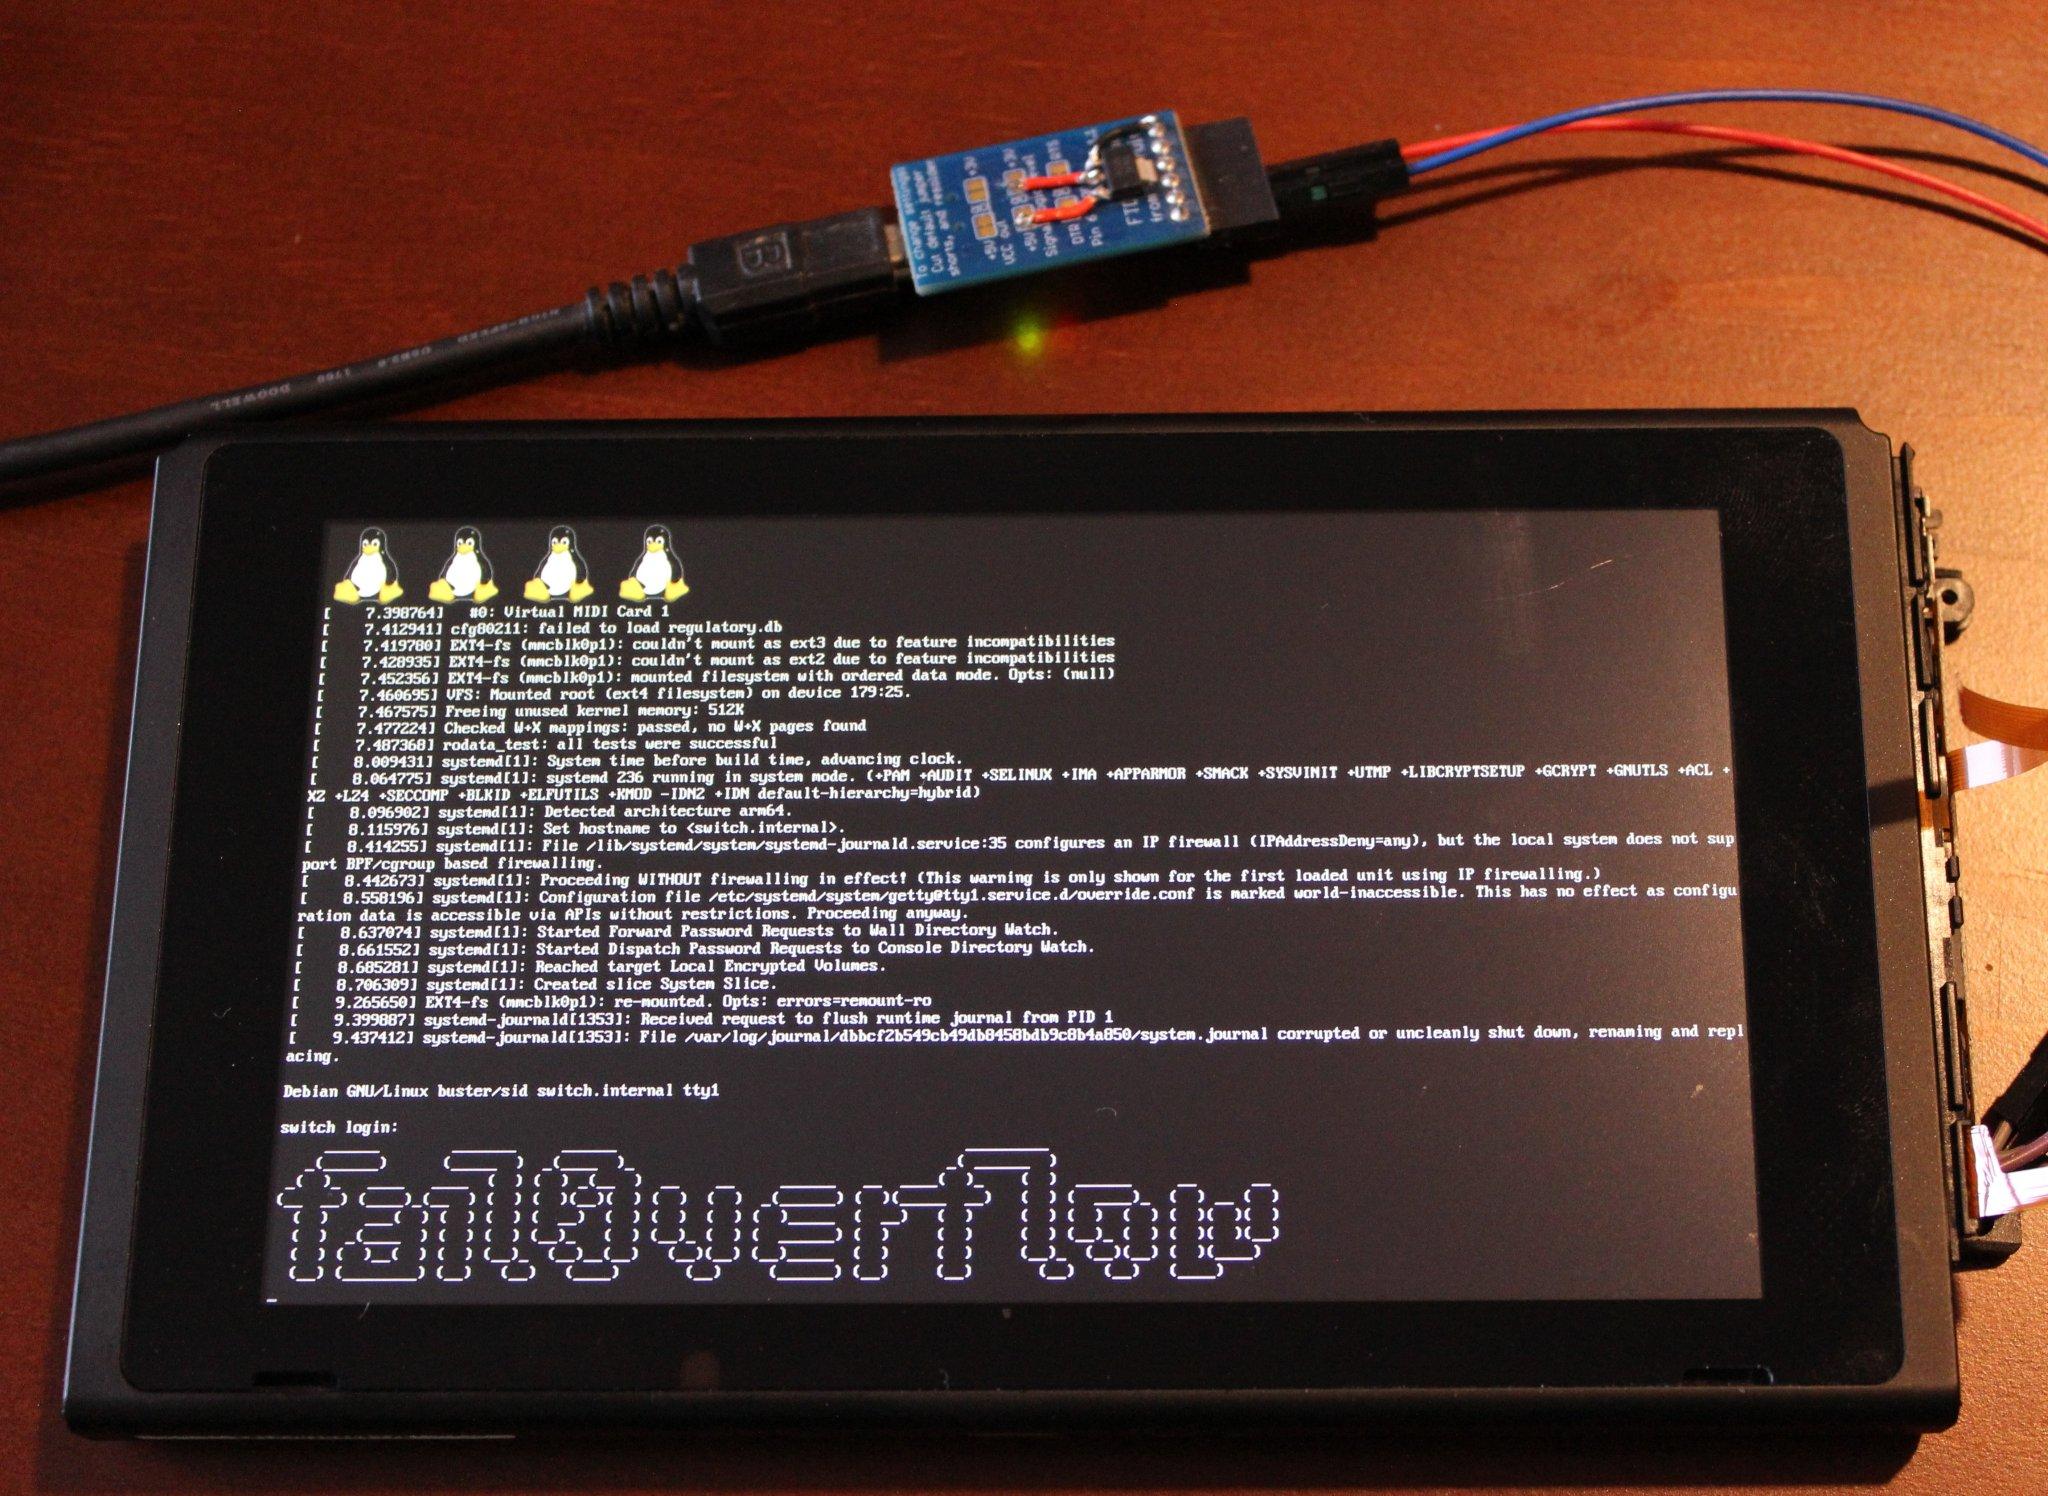 Logran ejecutar Linux en una Nintendo Switch aprovechando un bug irreparable